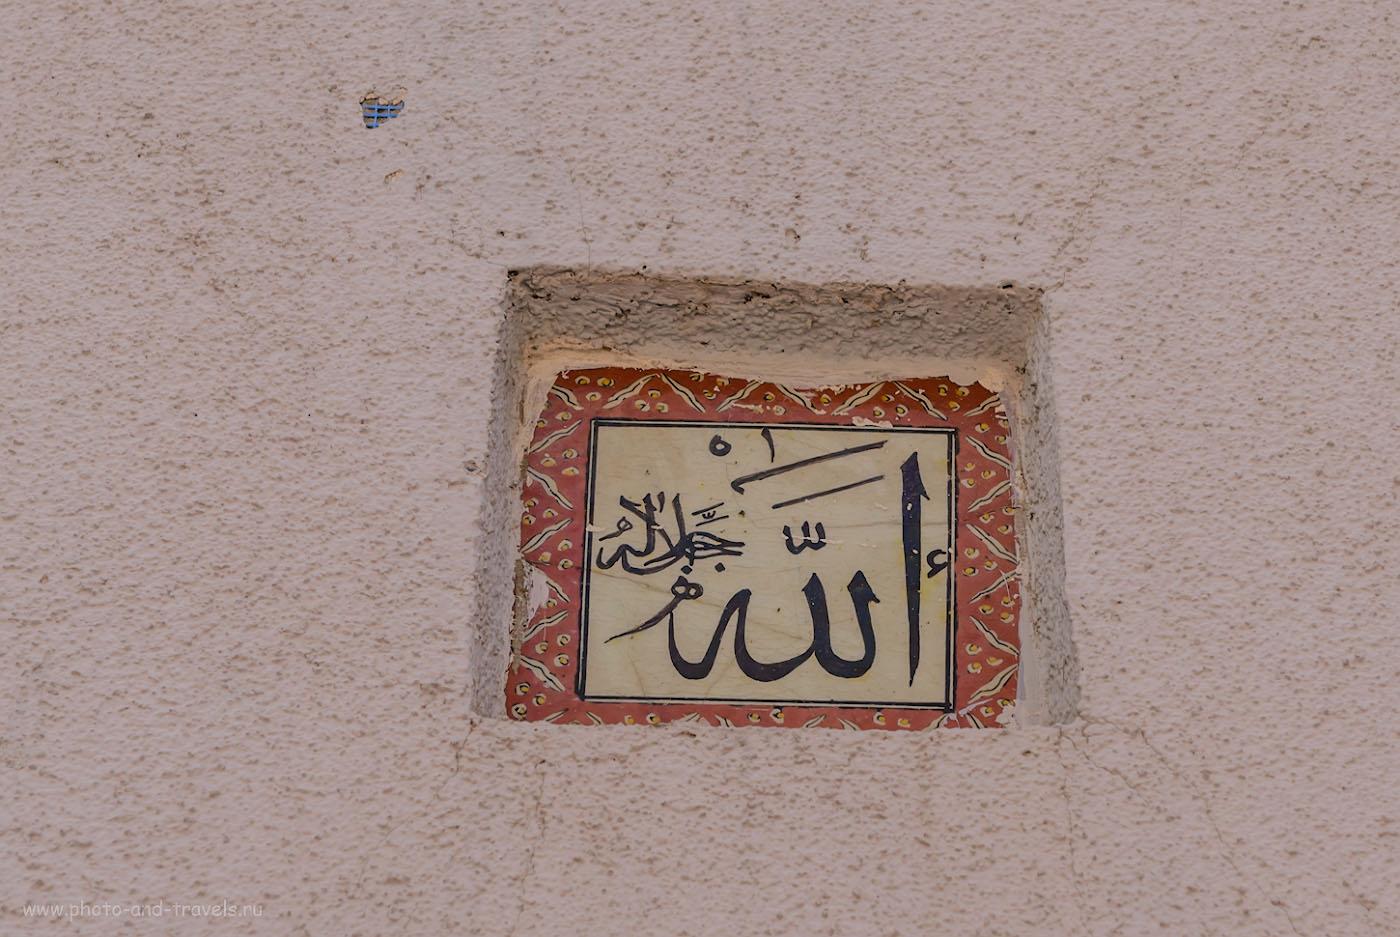 Фото 10. Прогулка по Стамбулу. Фотоотчеты туристов из путешествия по Турции. 1/400, 8.0, 200, 70.